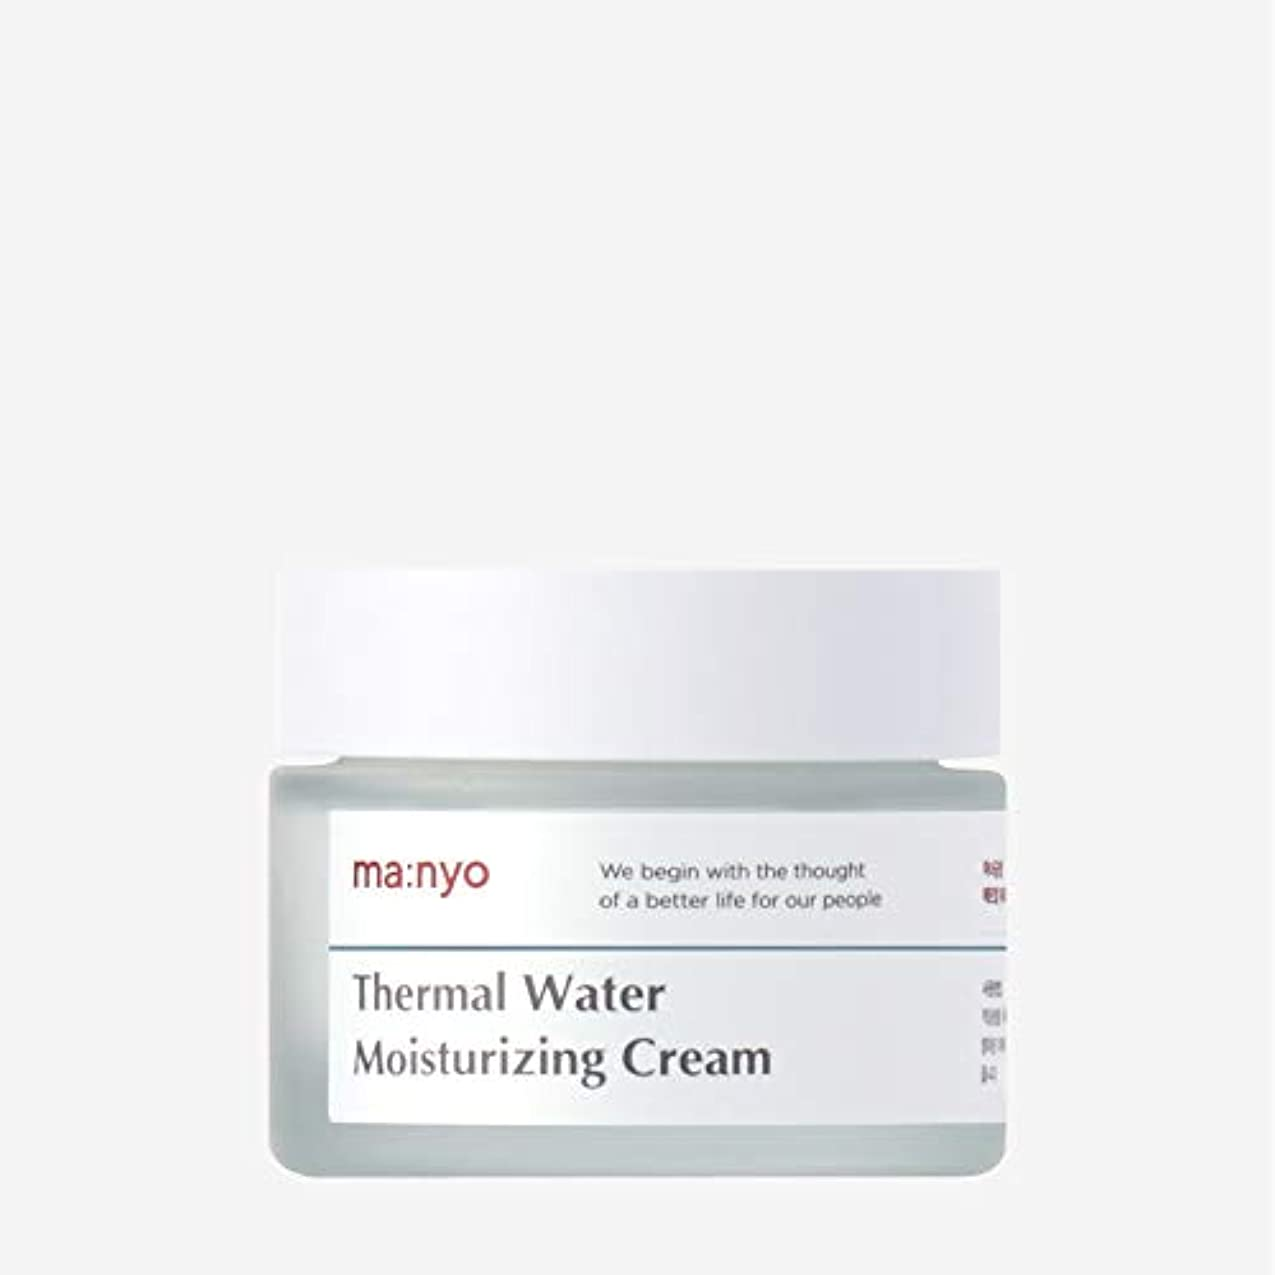 サージ科学セットアップ魔女工場(Manyo Factory) 温泉水ミネラルクリーム 50ml / 天然ミネラル、チェコ温泉水67%で保湿補充